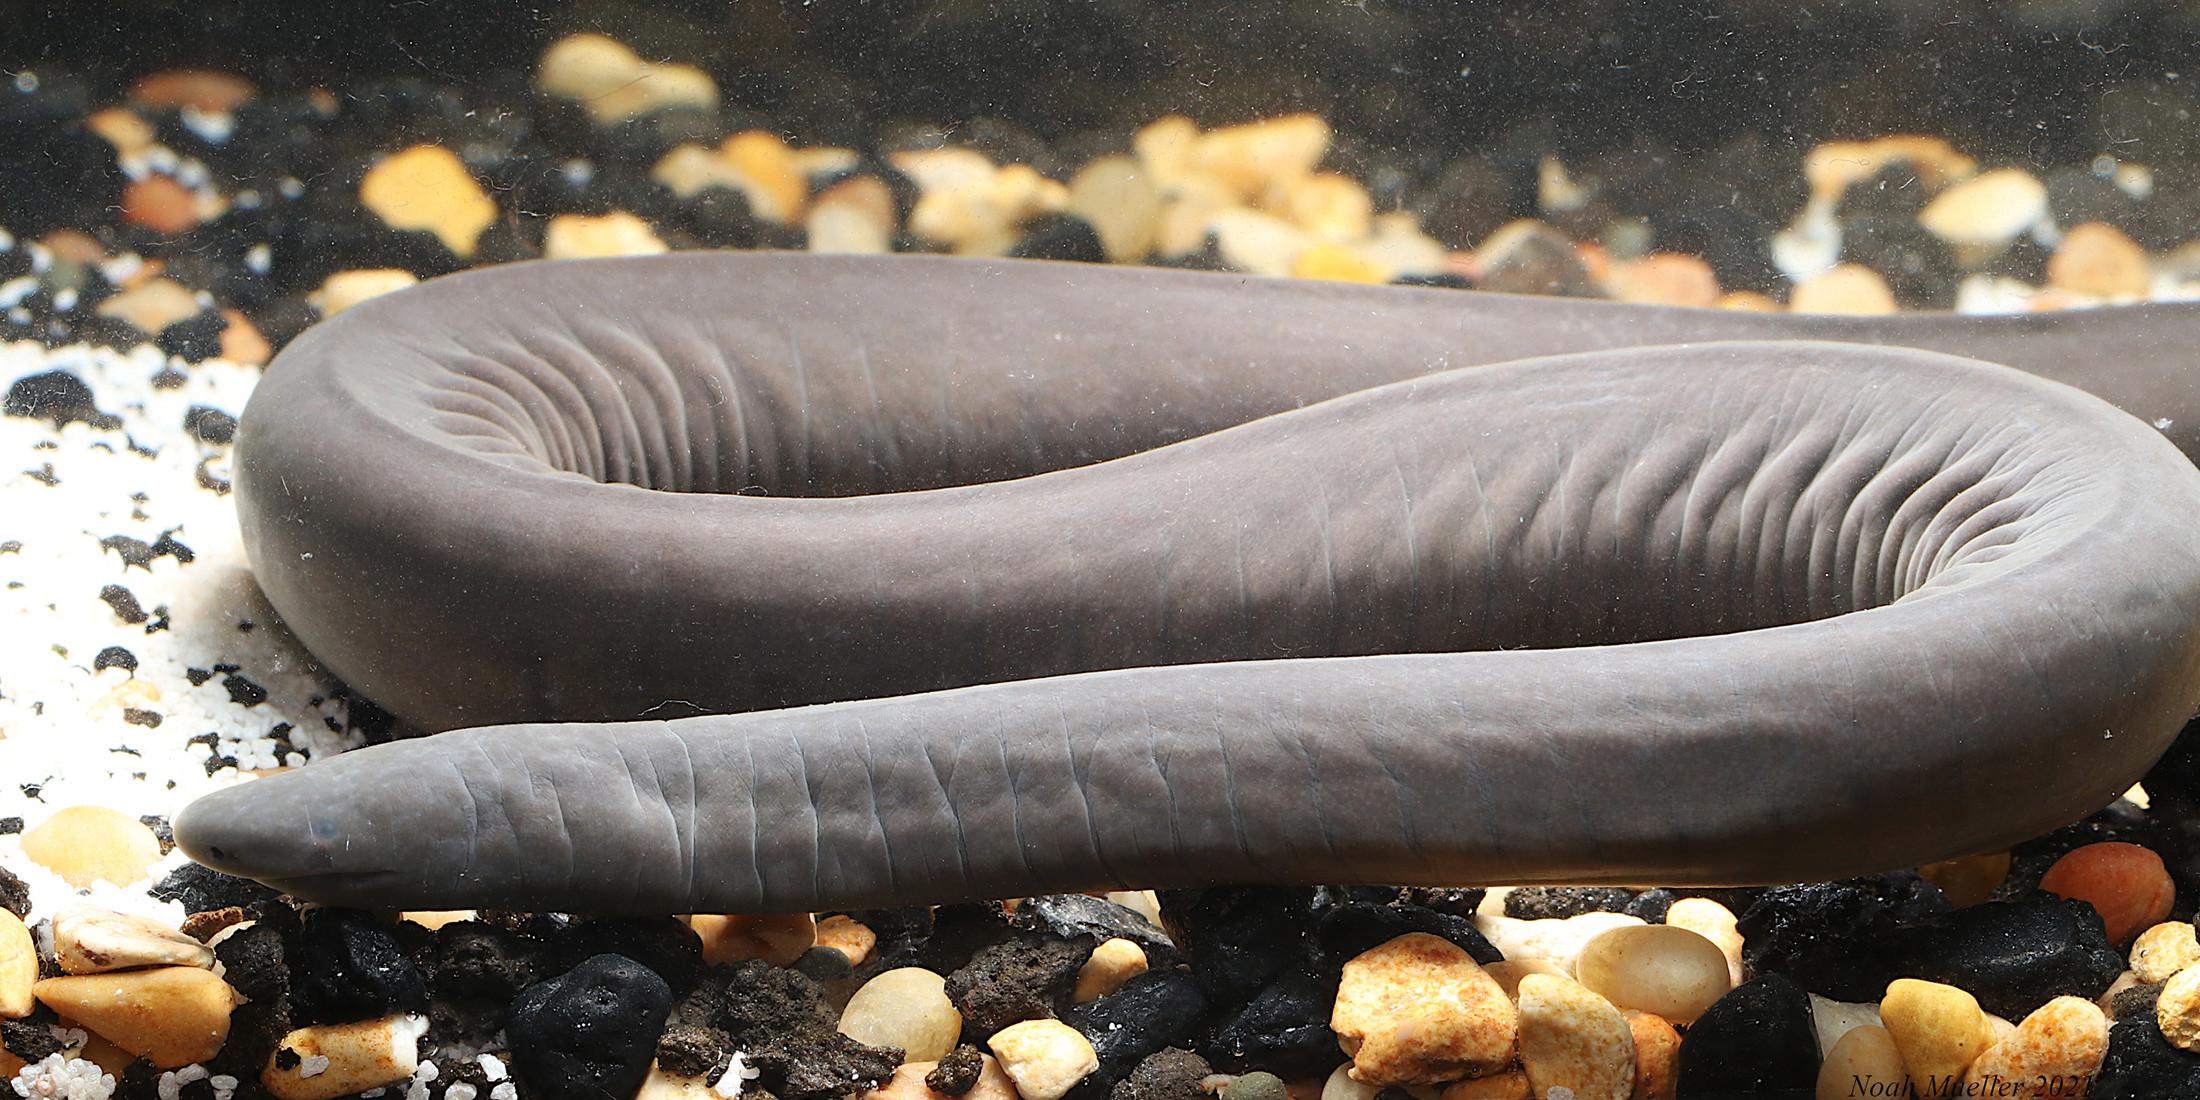 ▲▼佛羅里達發現俗稱陰莖蛇的動物caecilian。(圖/翻攝自floridamuseum)